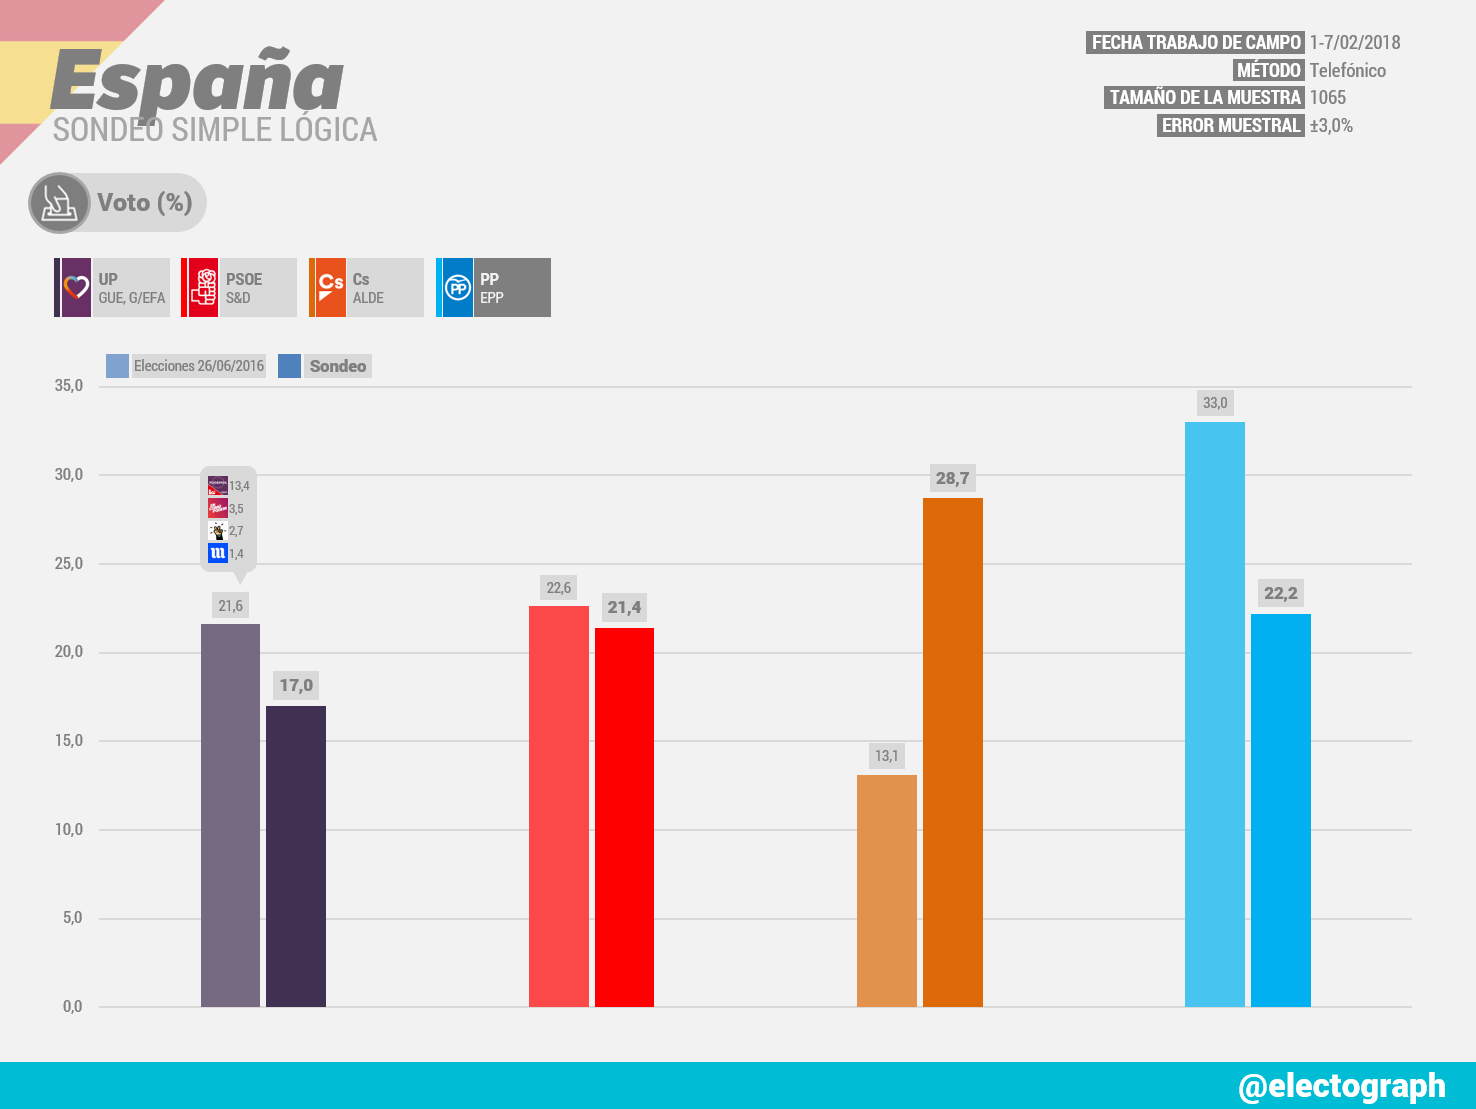 Gráfico de la encuesta para elecciones generales en España realizada por Simple Lógica en febrero de 2018